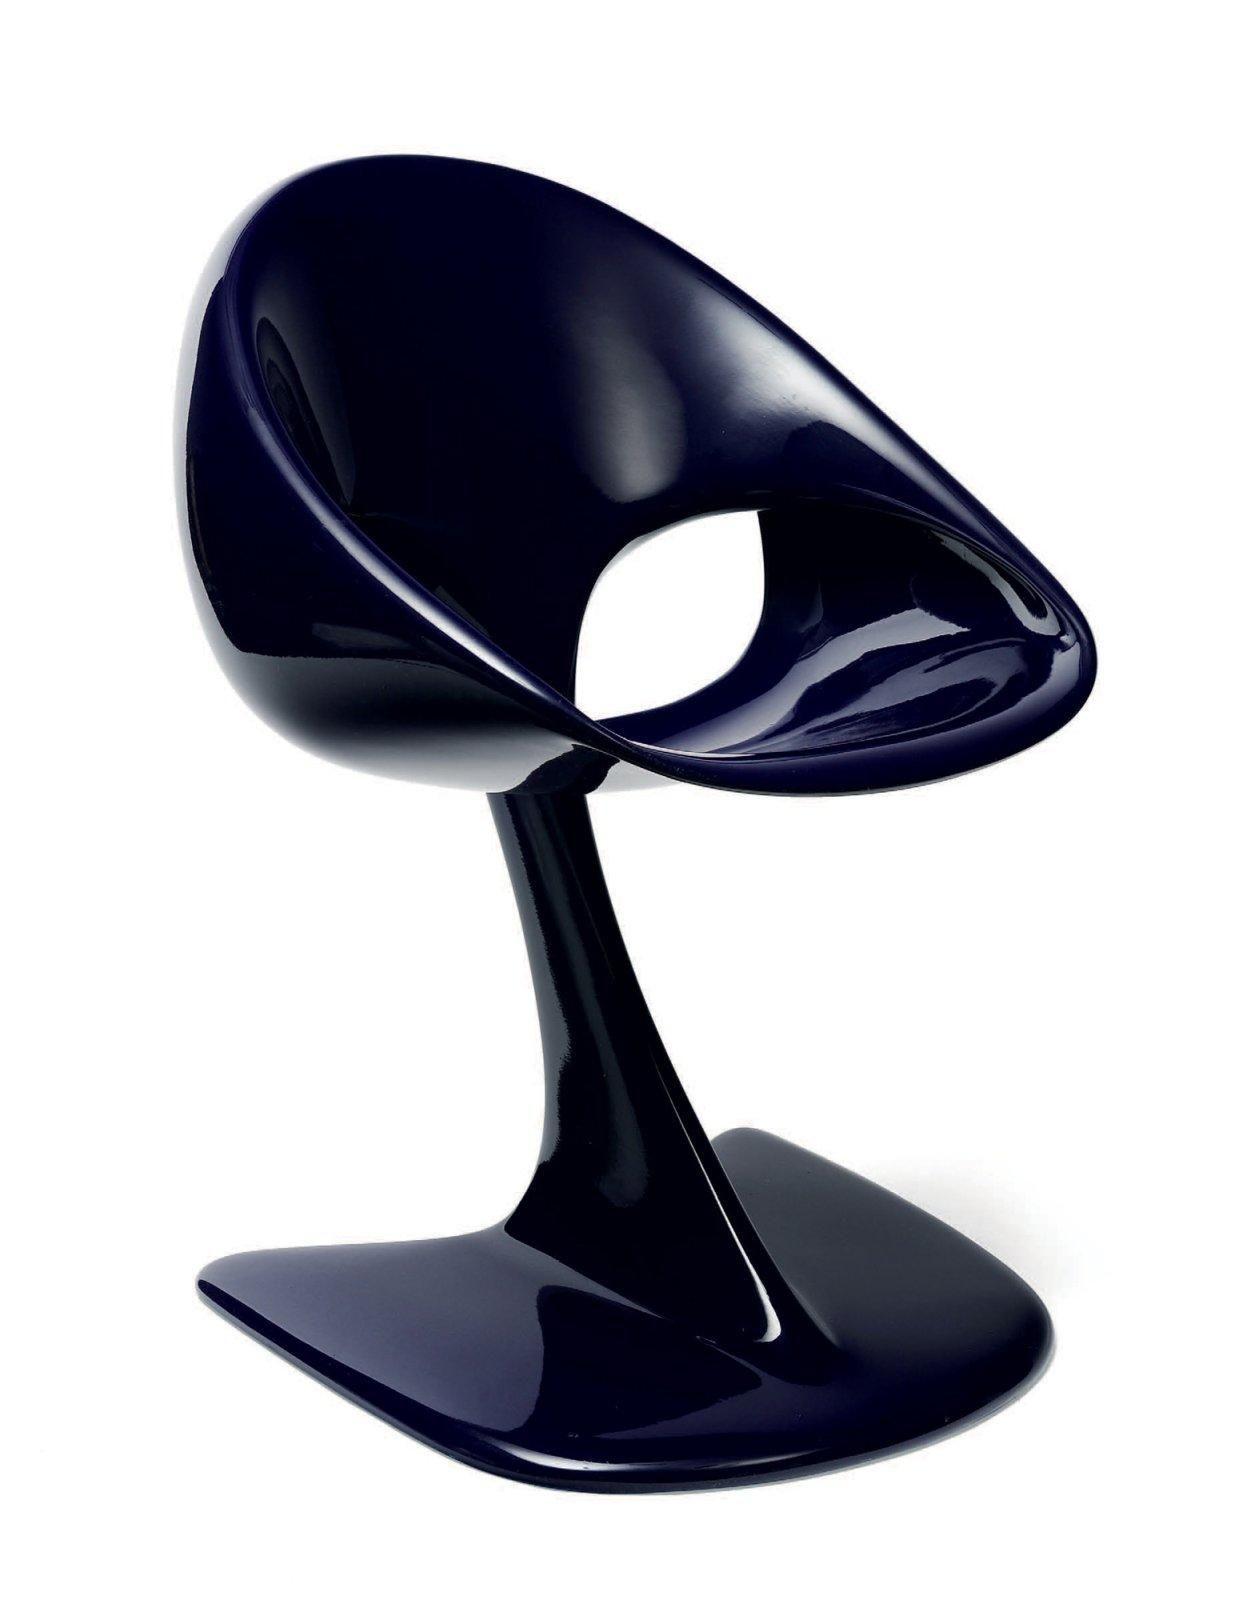 Luigi colani n en 1928 dition limit e chaise poly cor fibre de verre et p - Chaise eames fibre de verre ...